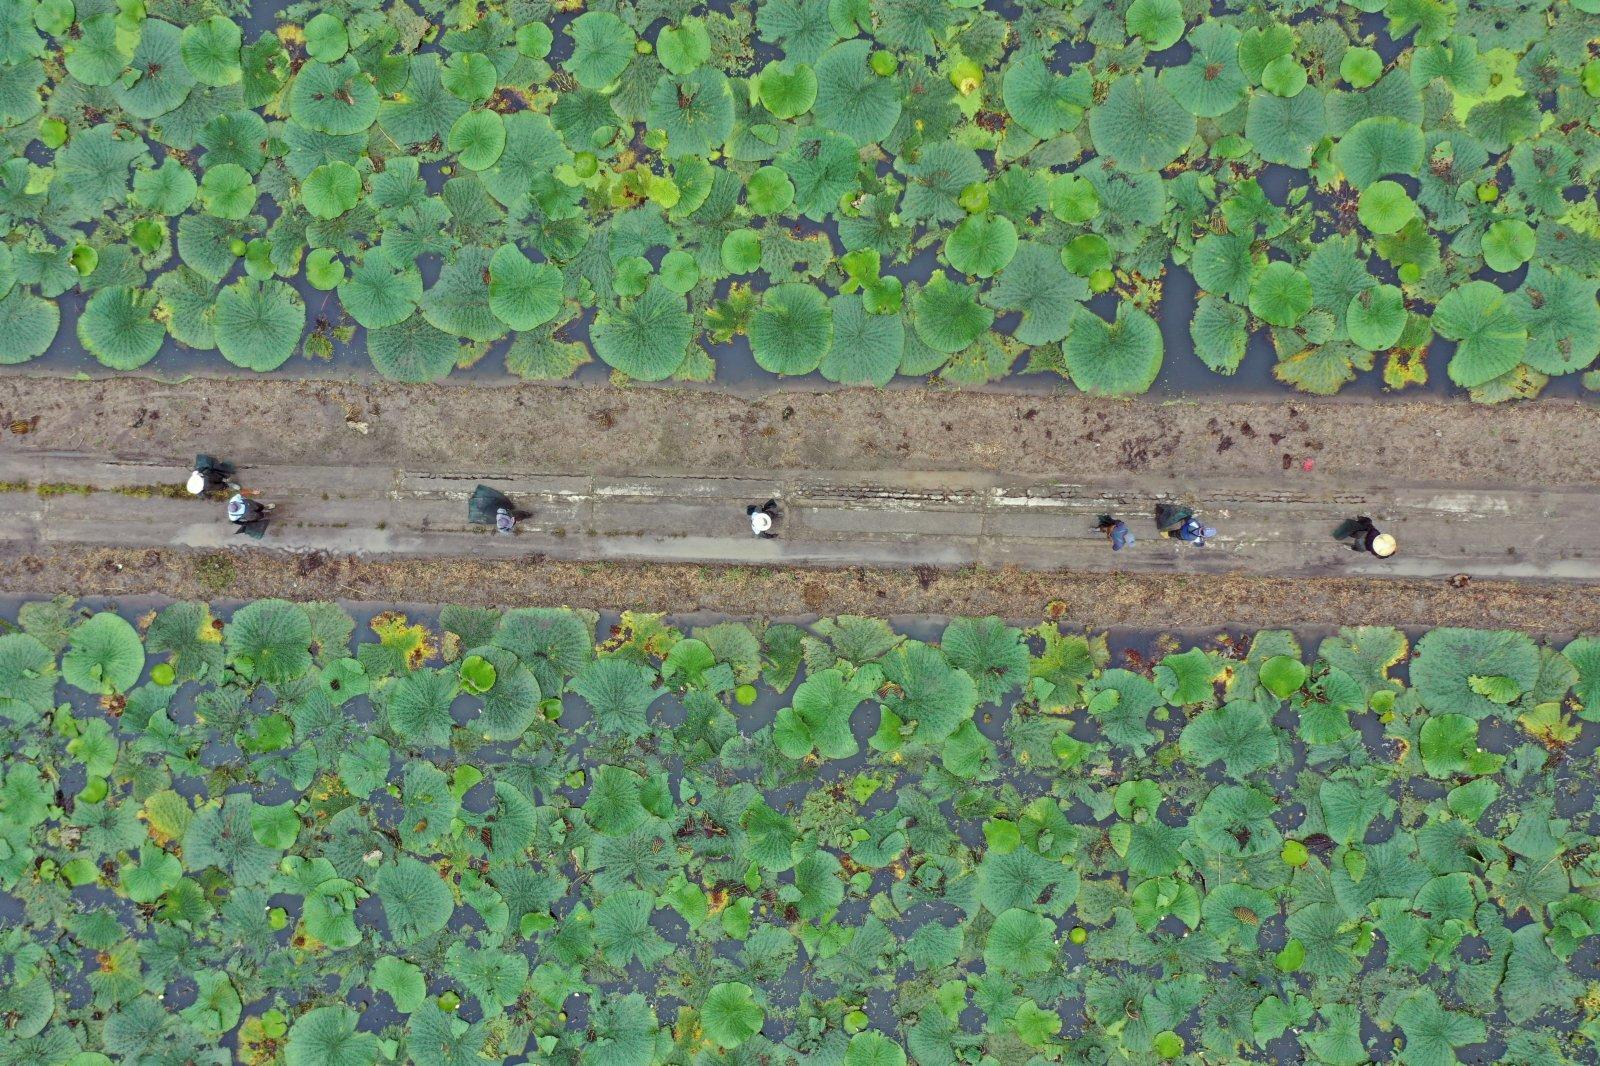 9月7日,江蘇省揚州市寶應縣望直港鎮和平村農民收穫芡實(無人機照片)。(新華社)